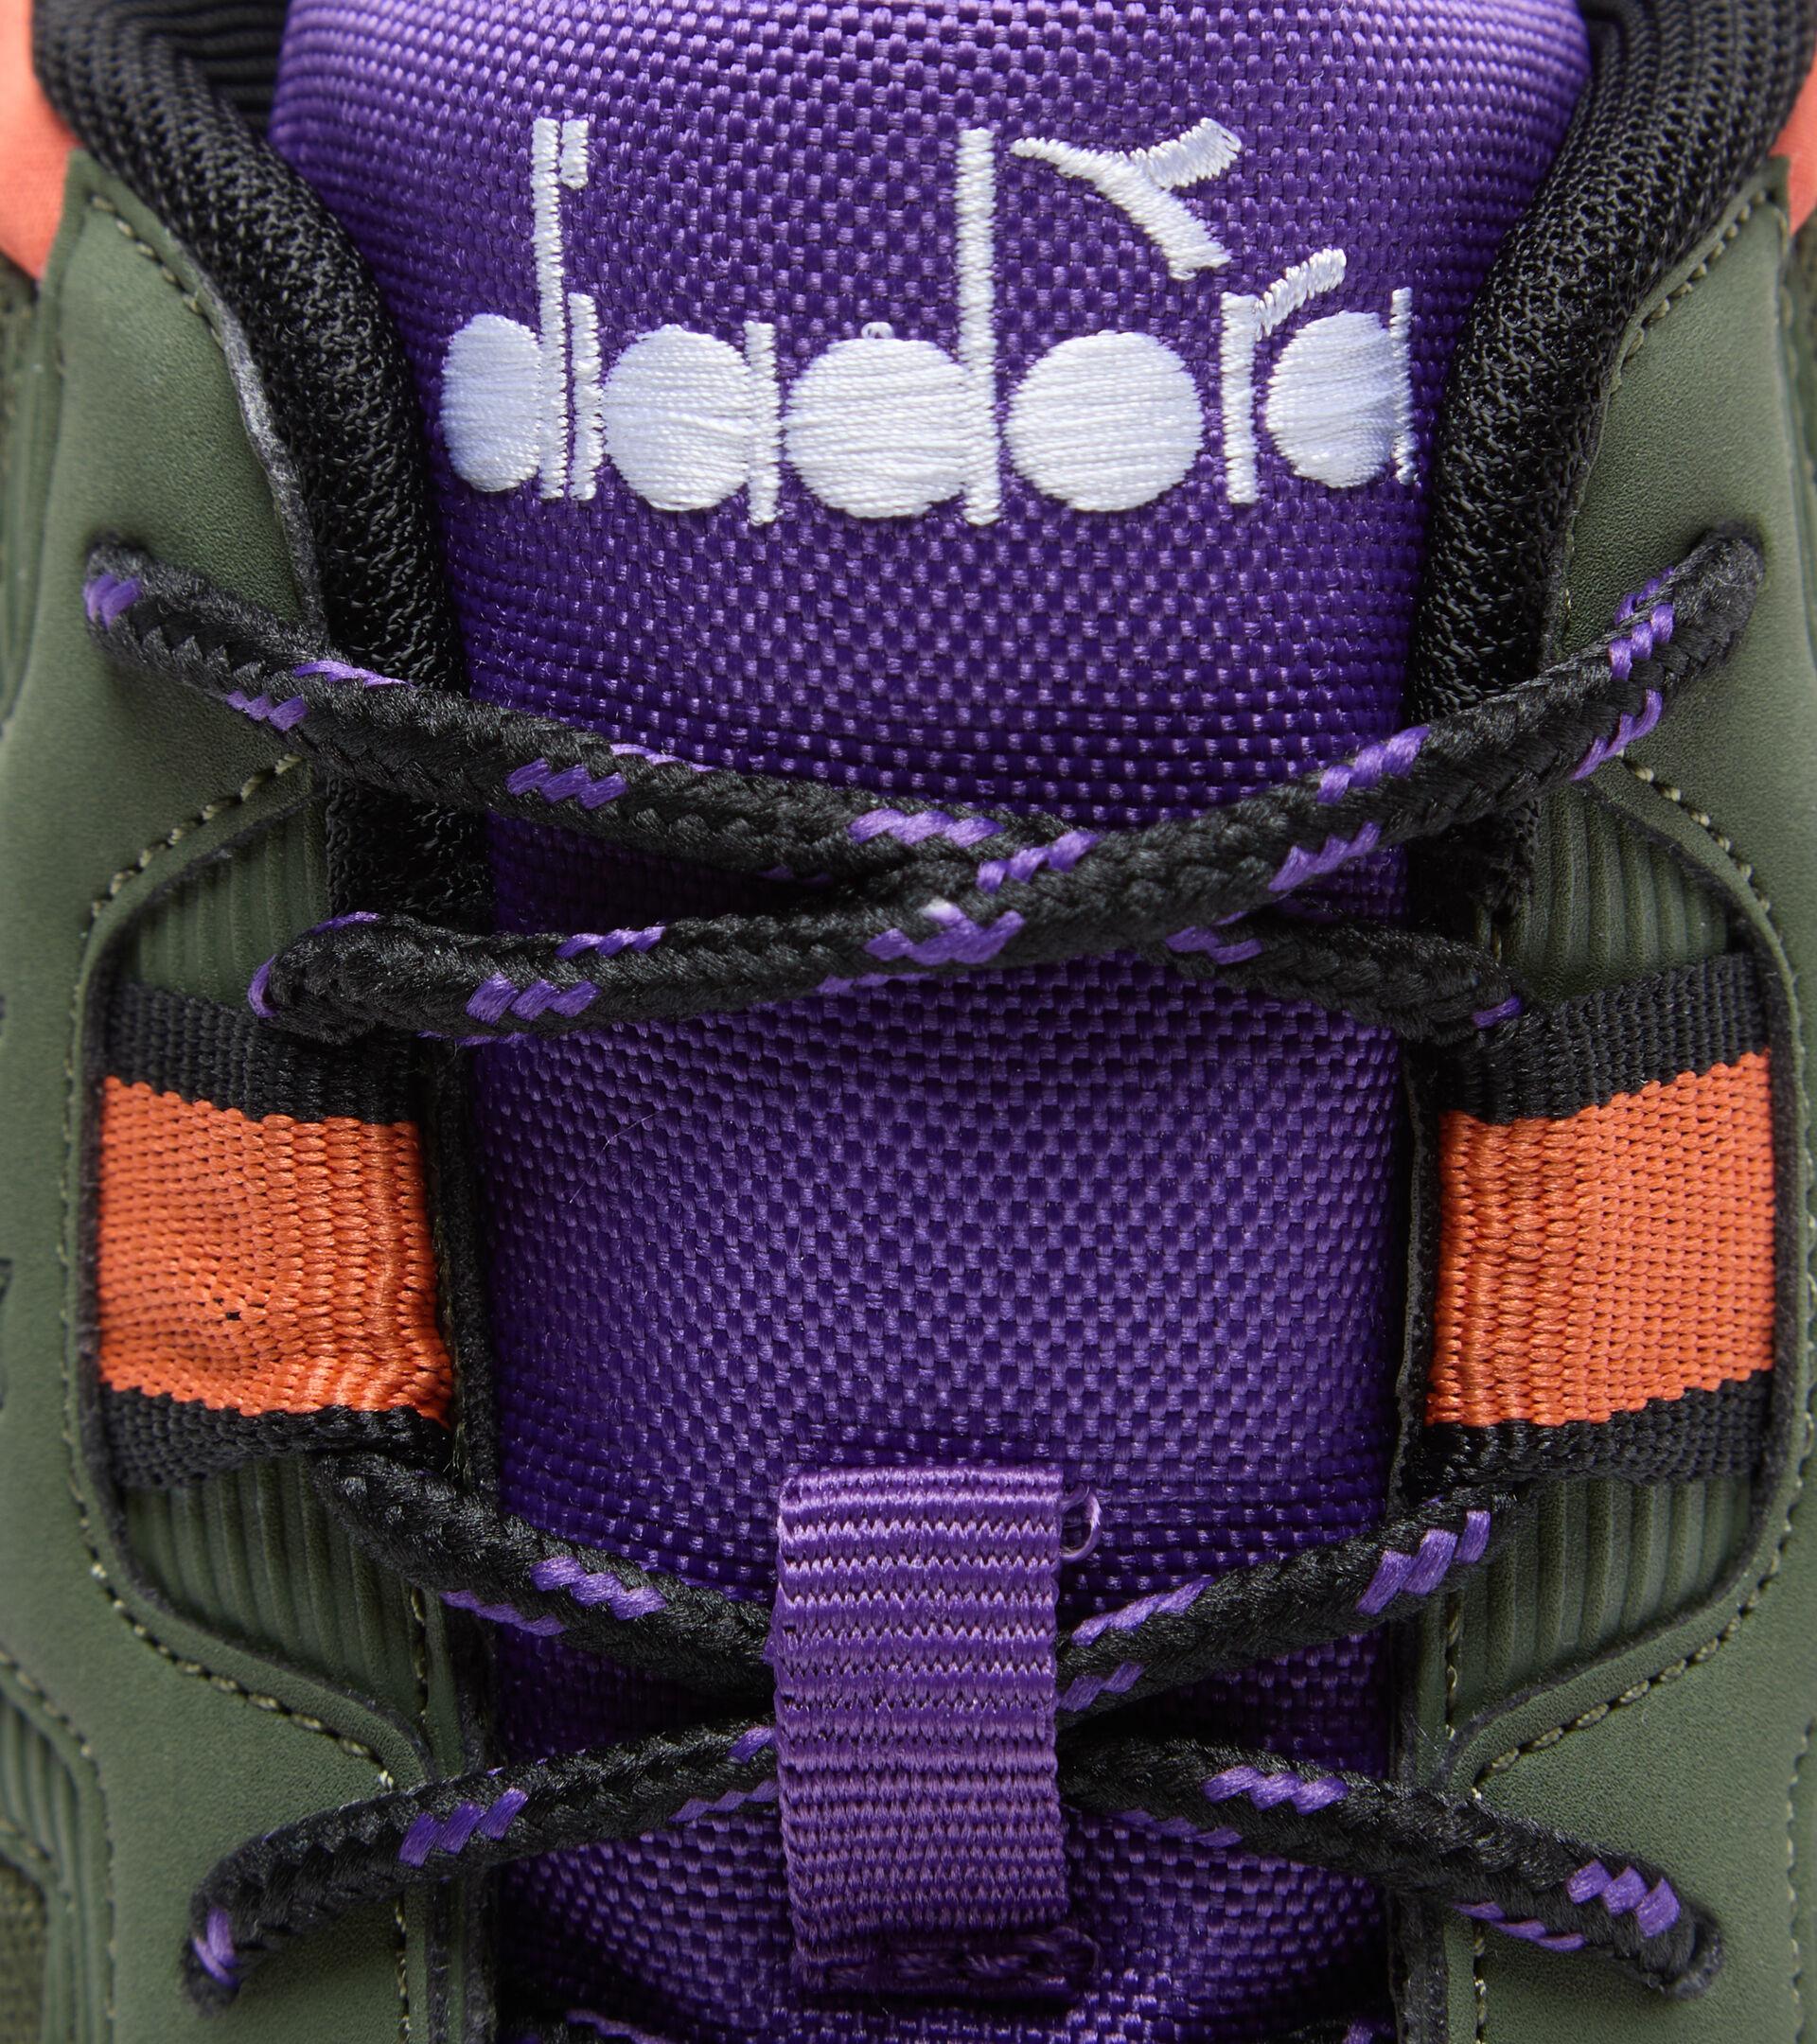 Zapatillas deportivas - Unisex N902 OFF ROAD CIPRES/NEGRO/PASIONARIA - Diadora